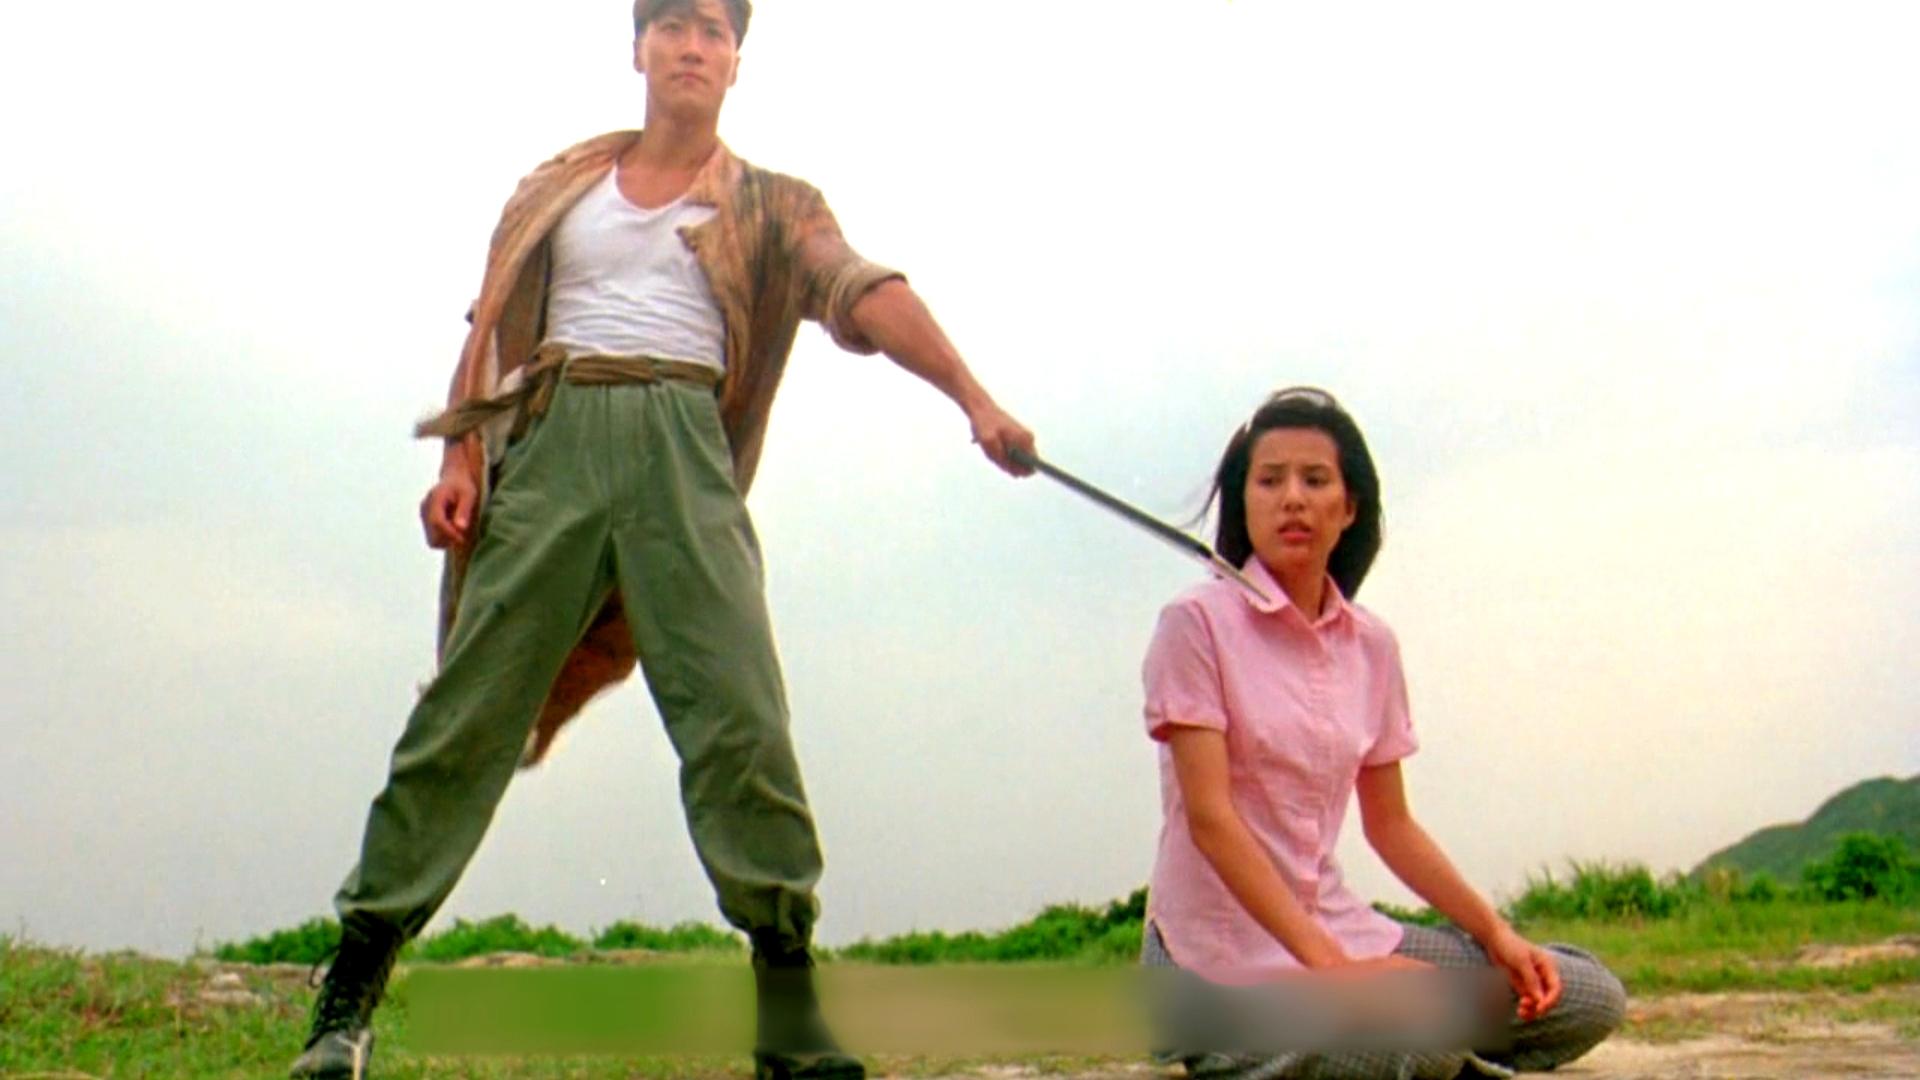 史上最残暴的功夫电影,一出手就要人命,主角个个都是暴力狂